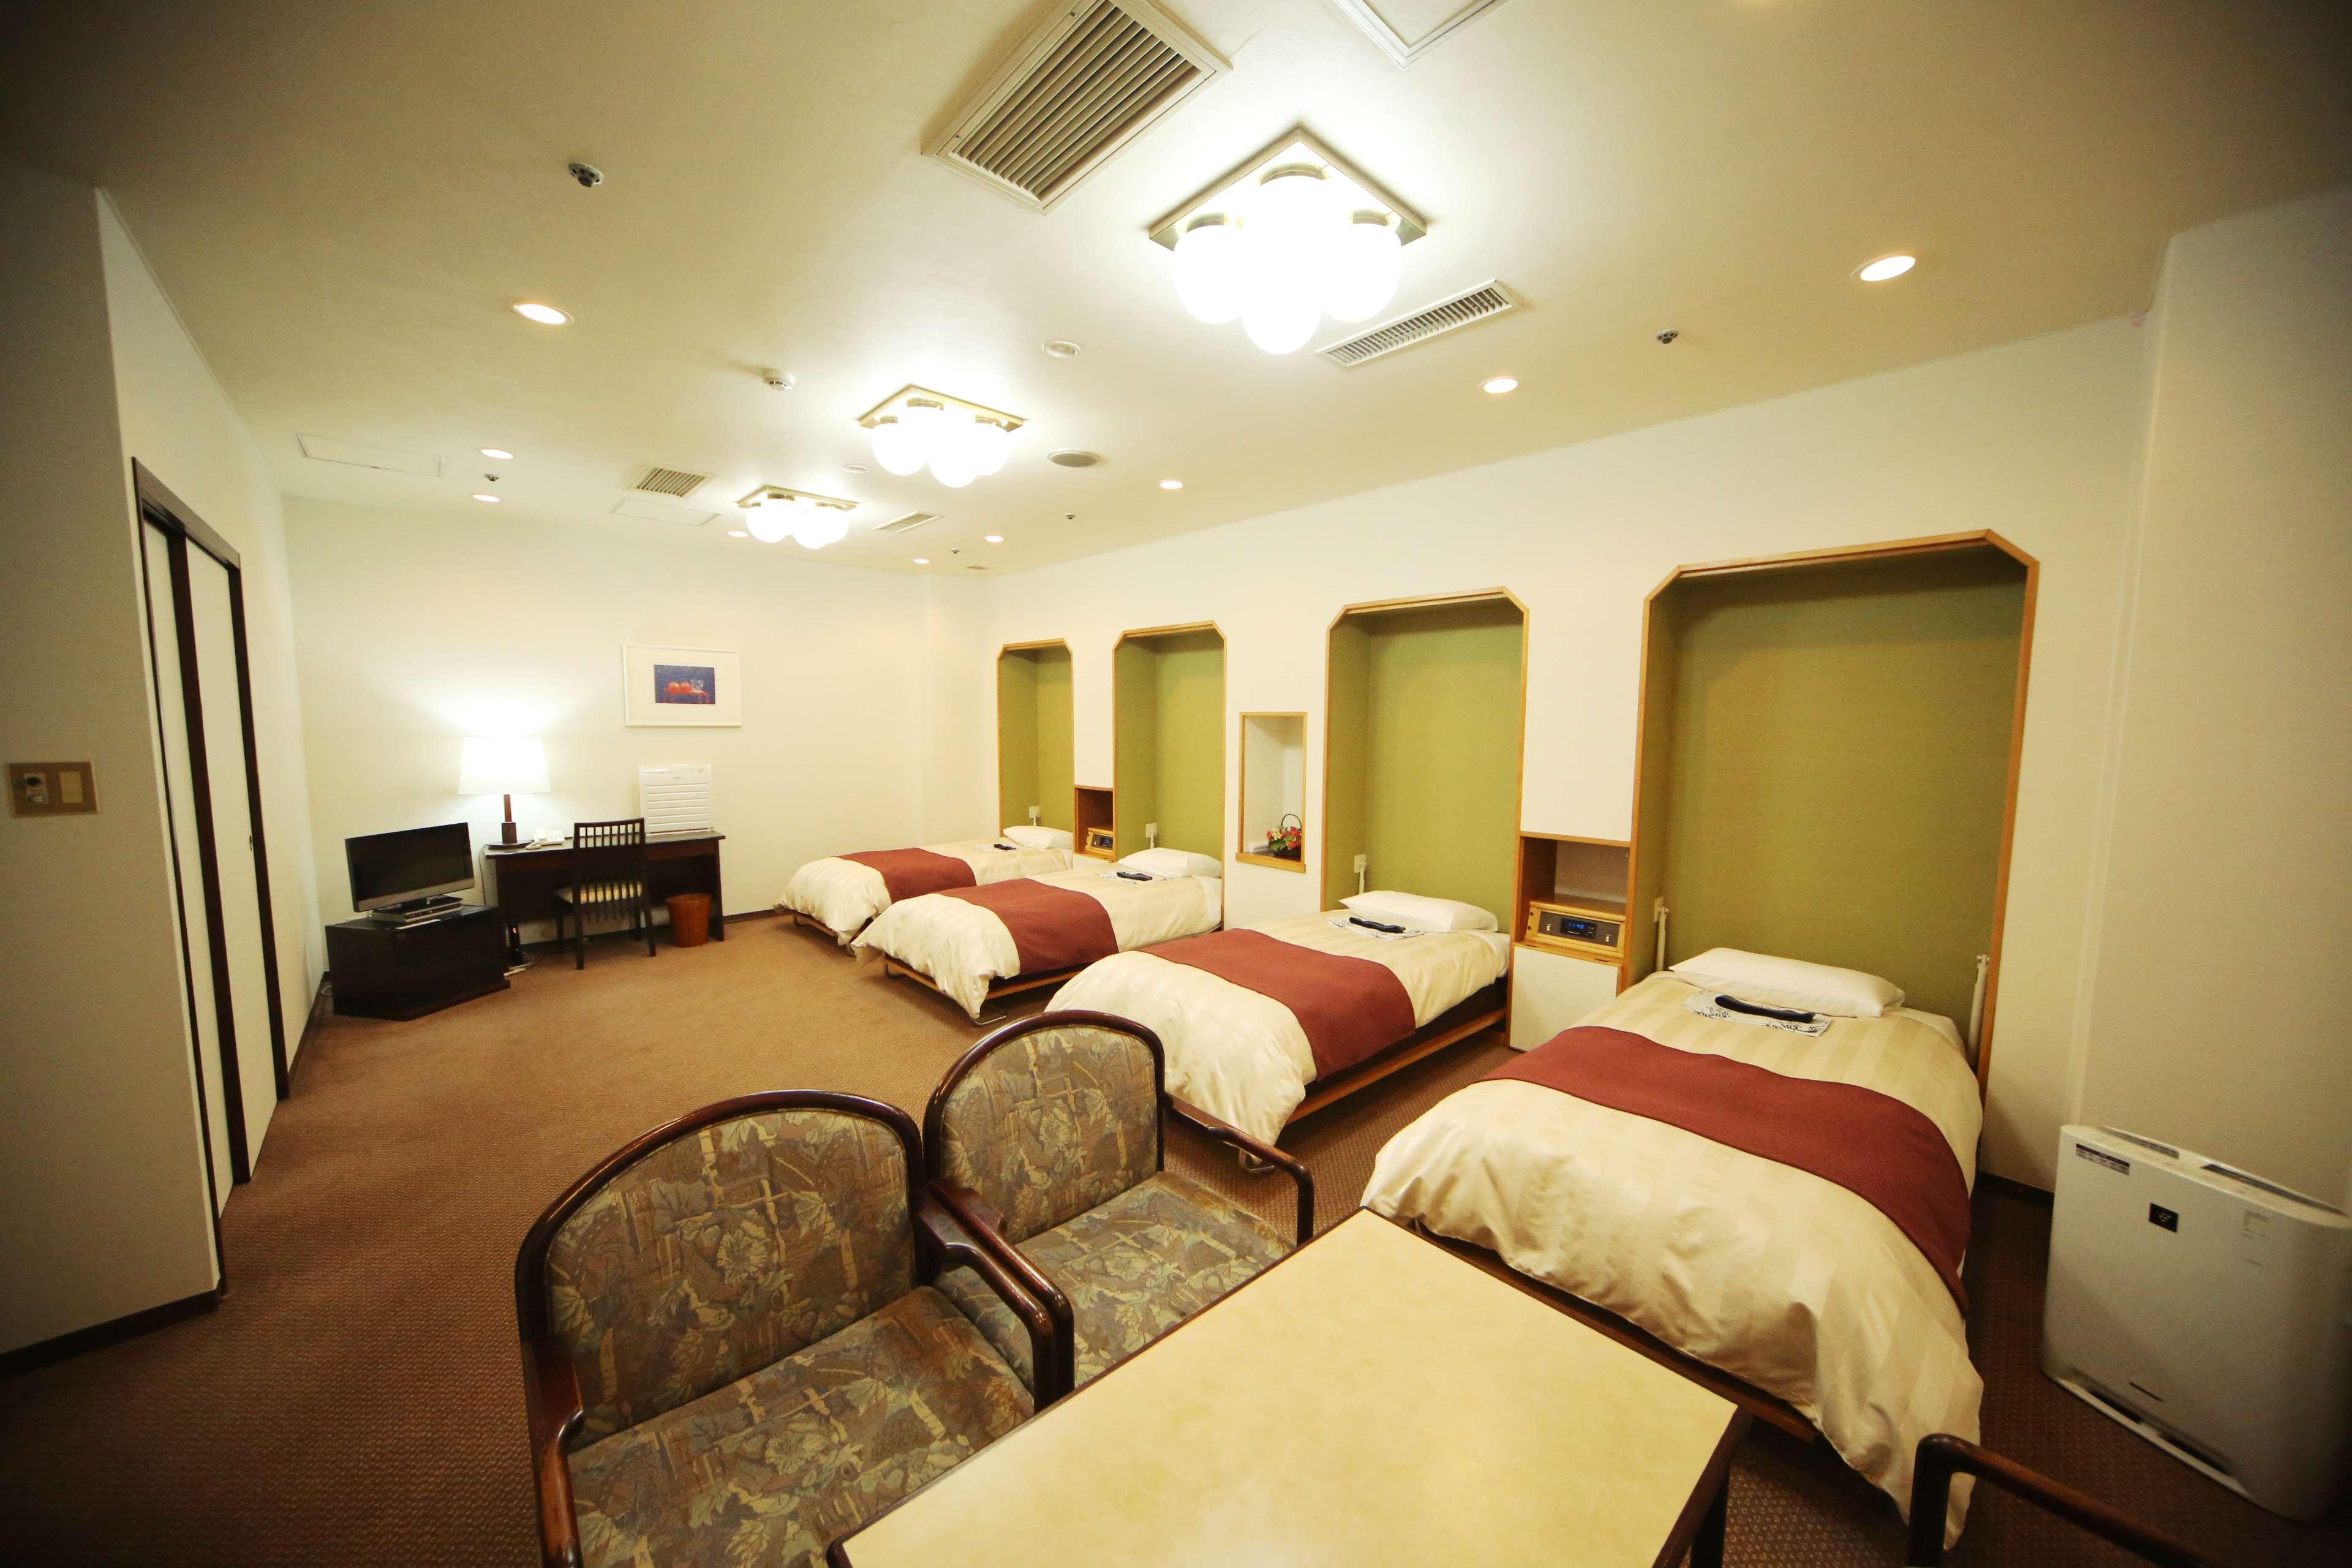 4人部屋】ディズニーランドに便利で、家族4人で宿泊できる格安ホテル